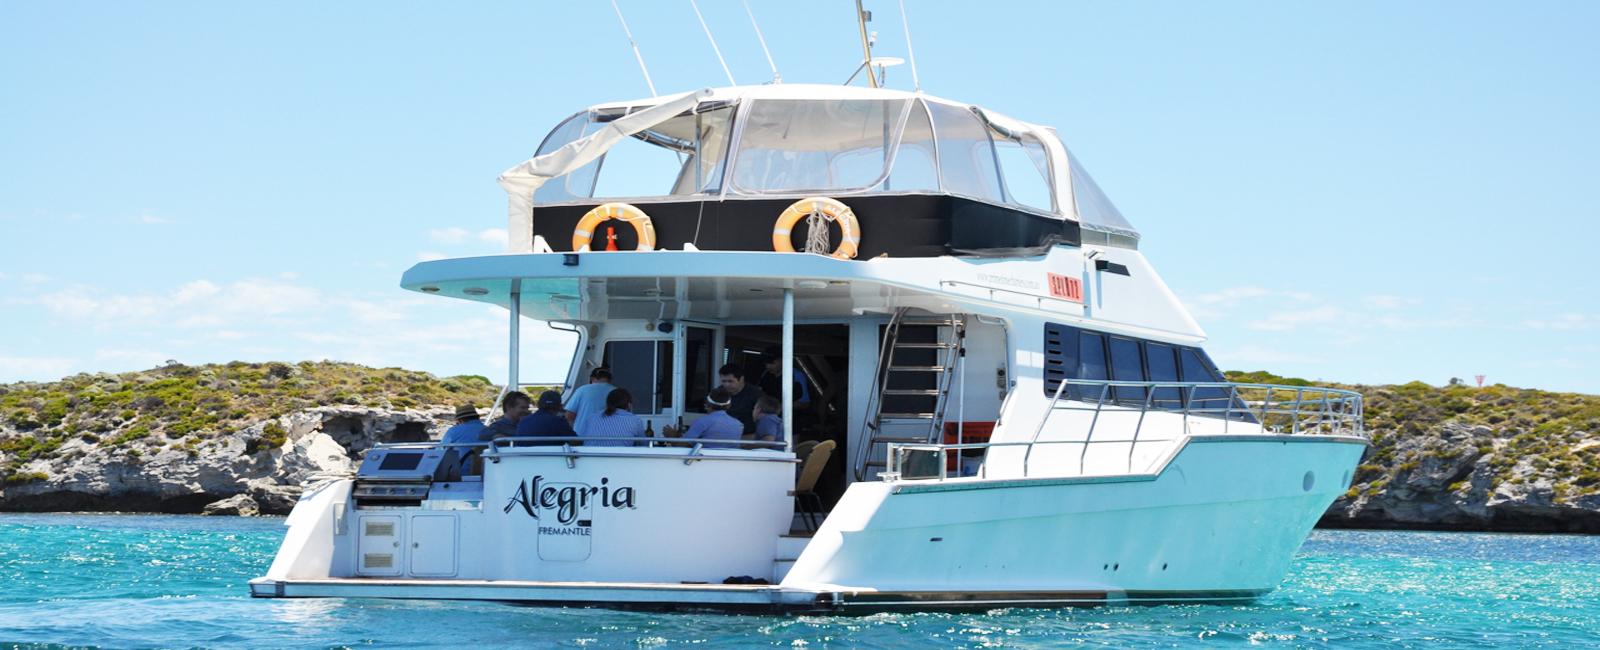 ALEGRIA-boat-charter-hire-Perth-WA-back-deck-